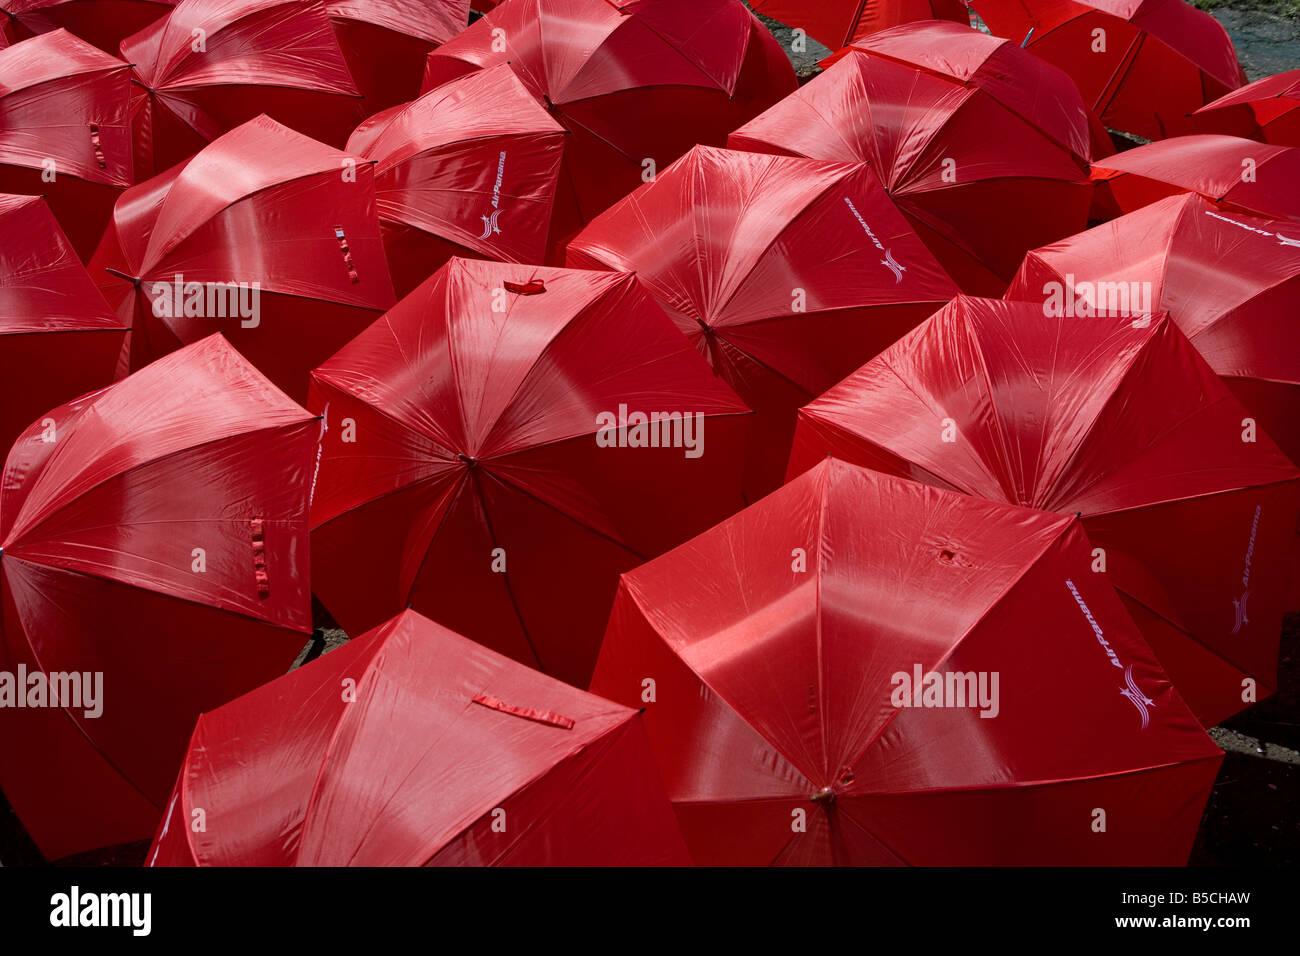 viele rote Air Panama-Schirme, die in der Sonne trocknen Stockfoto